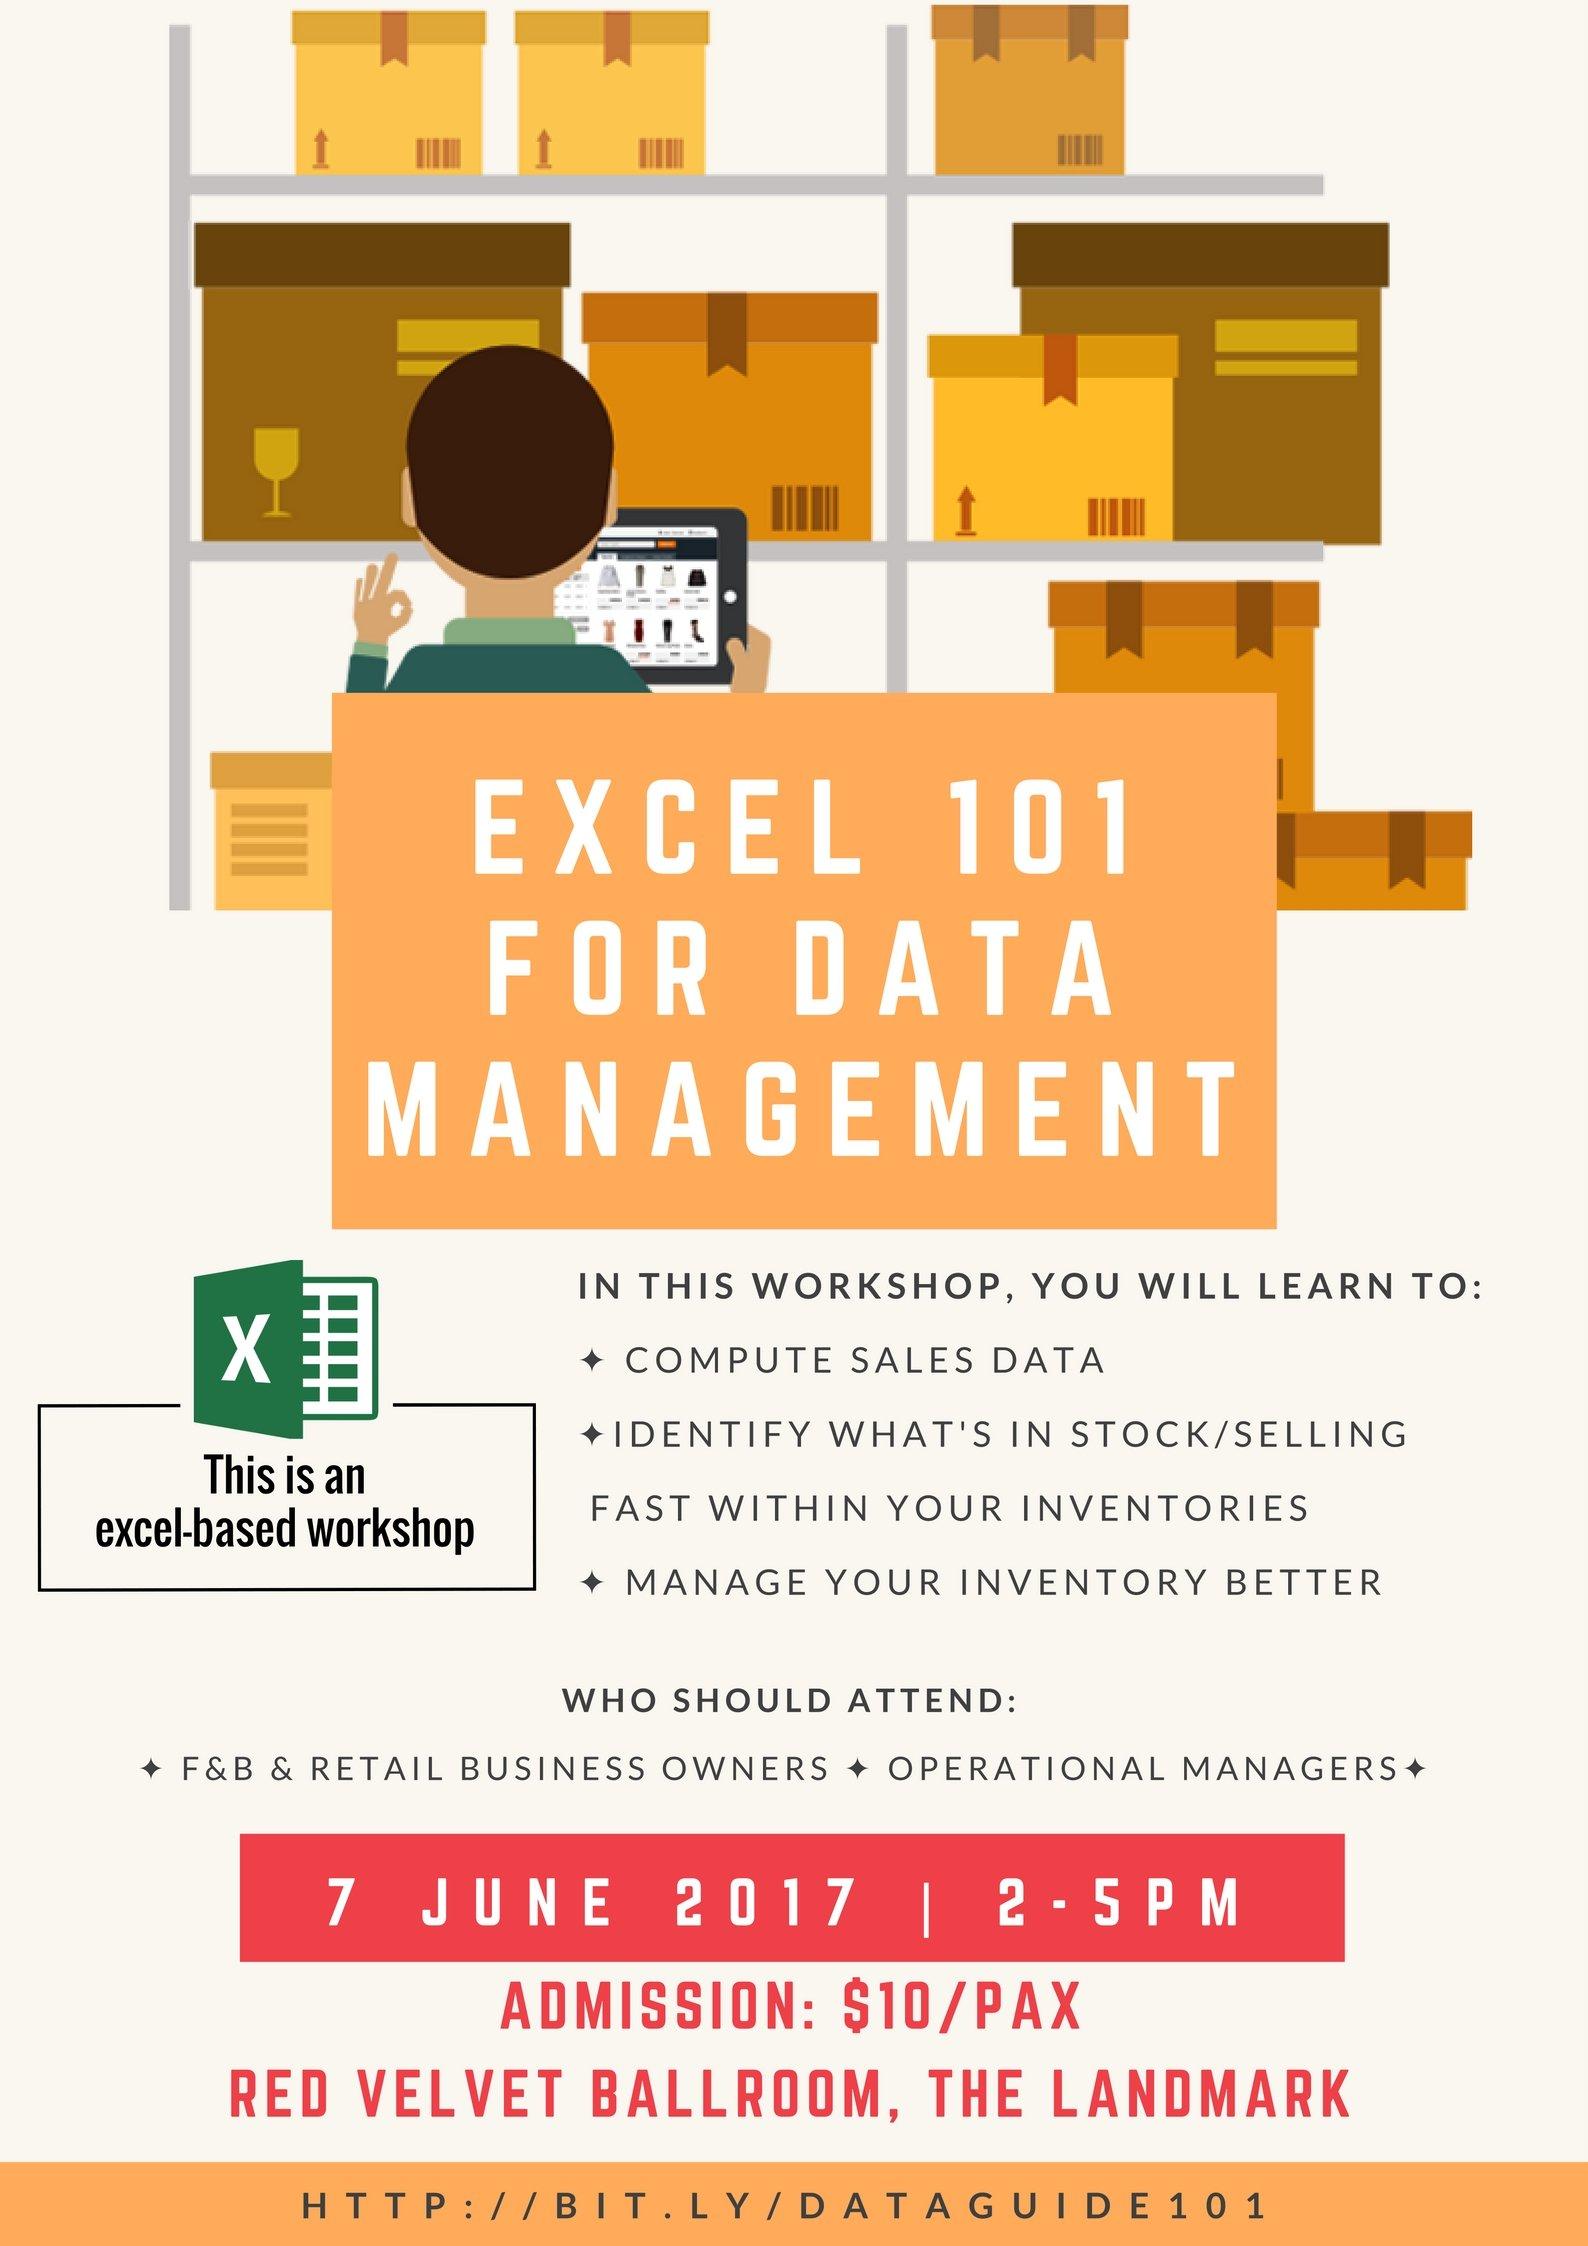 Excel 101 for Data Management